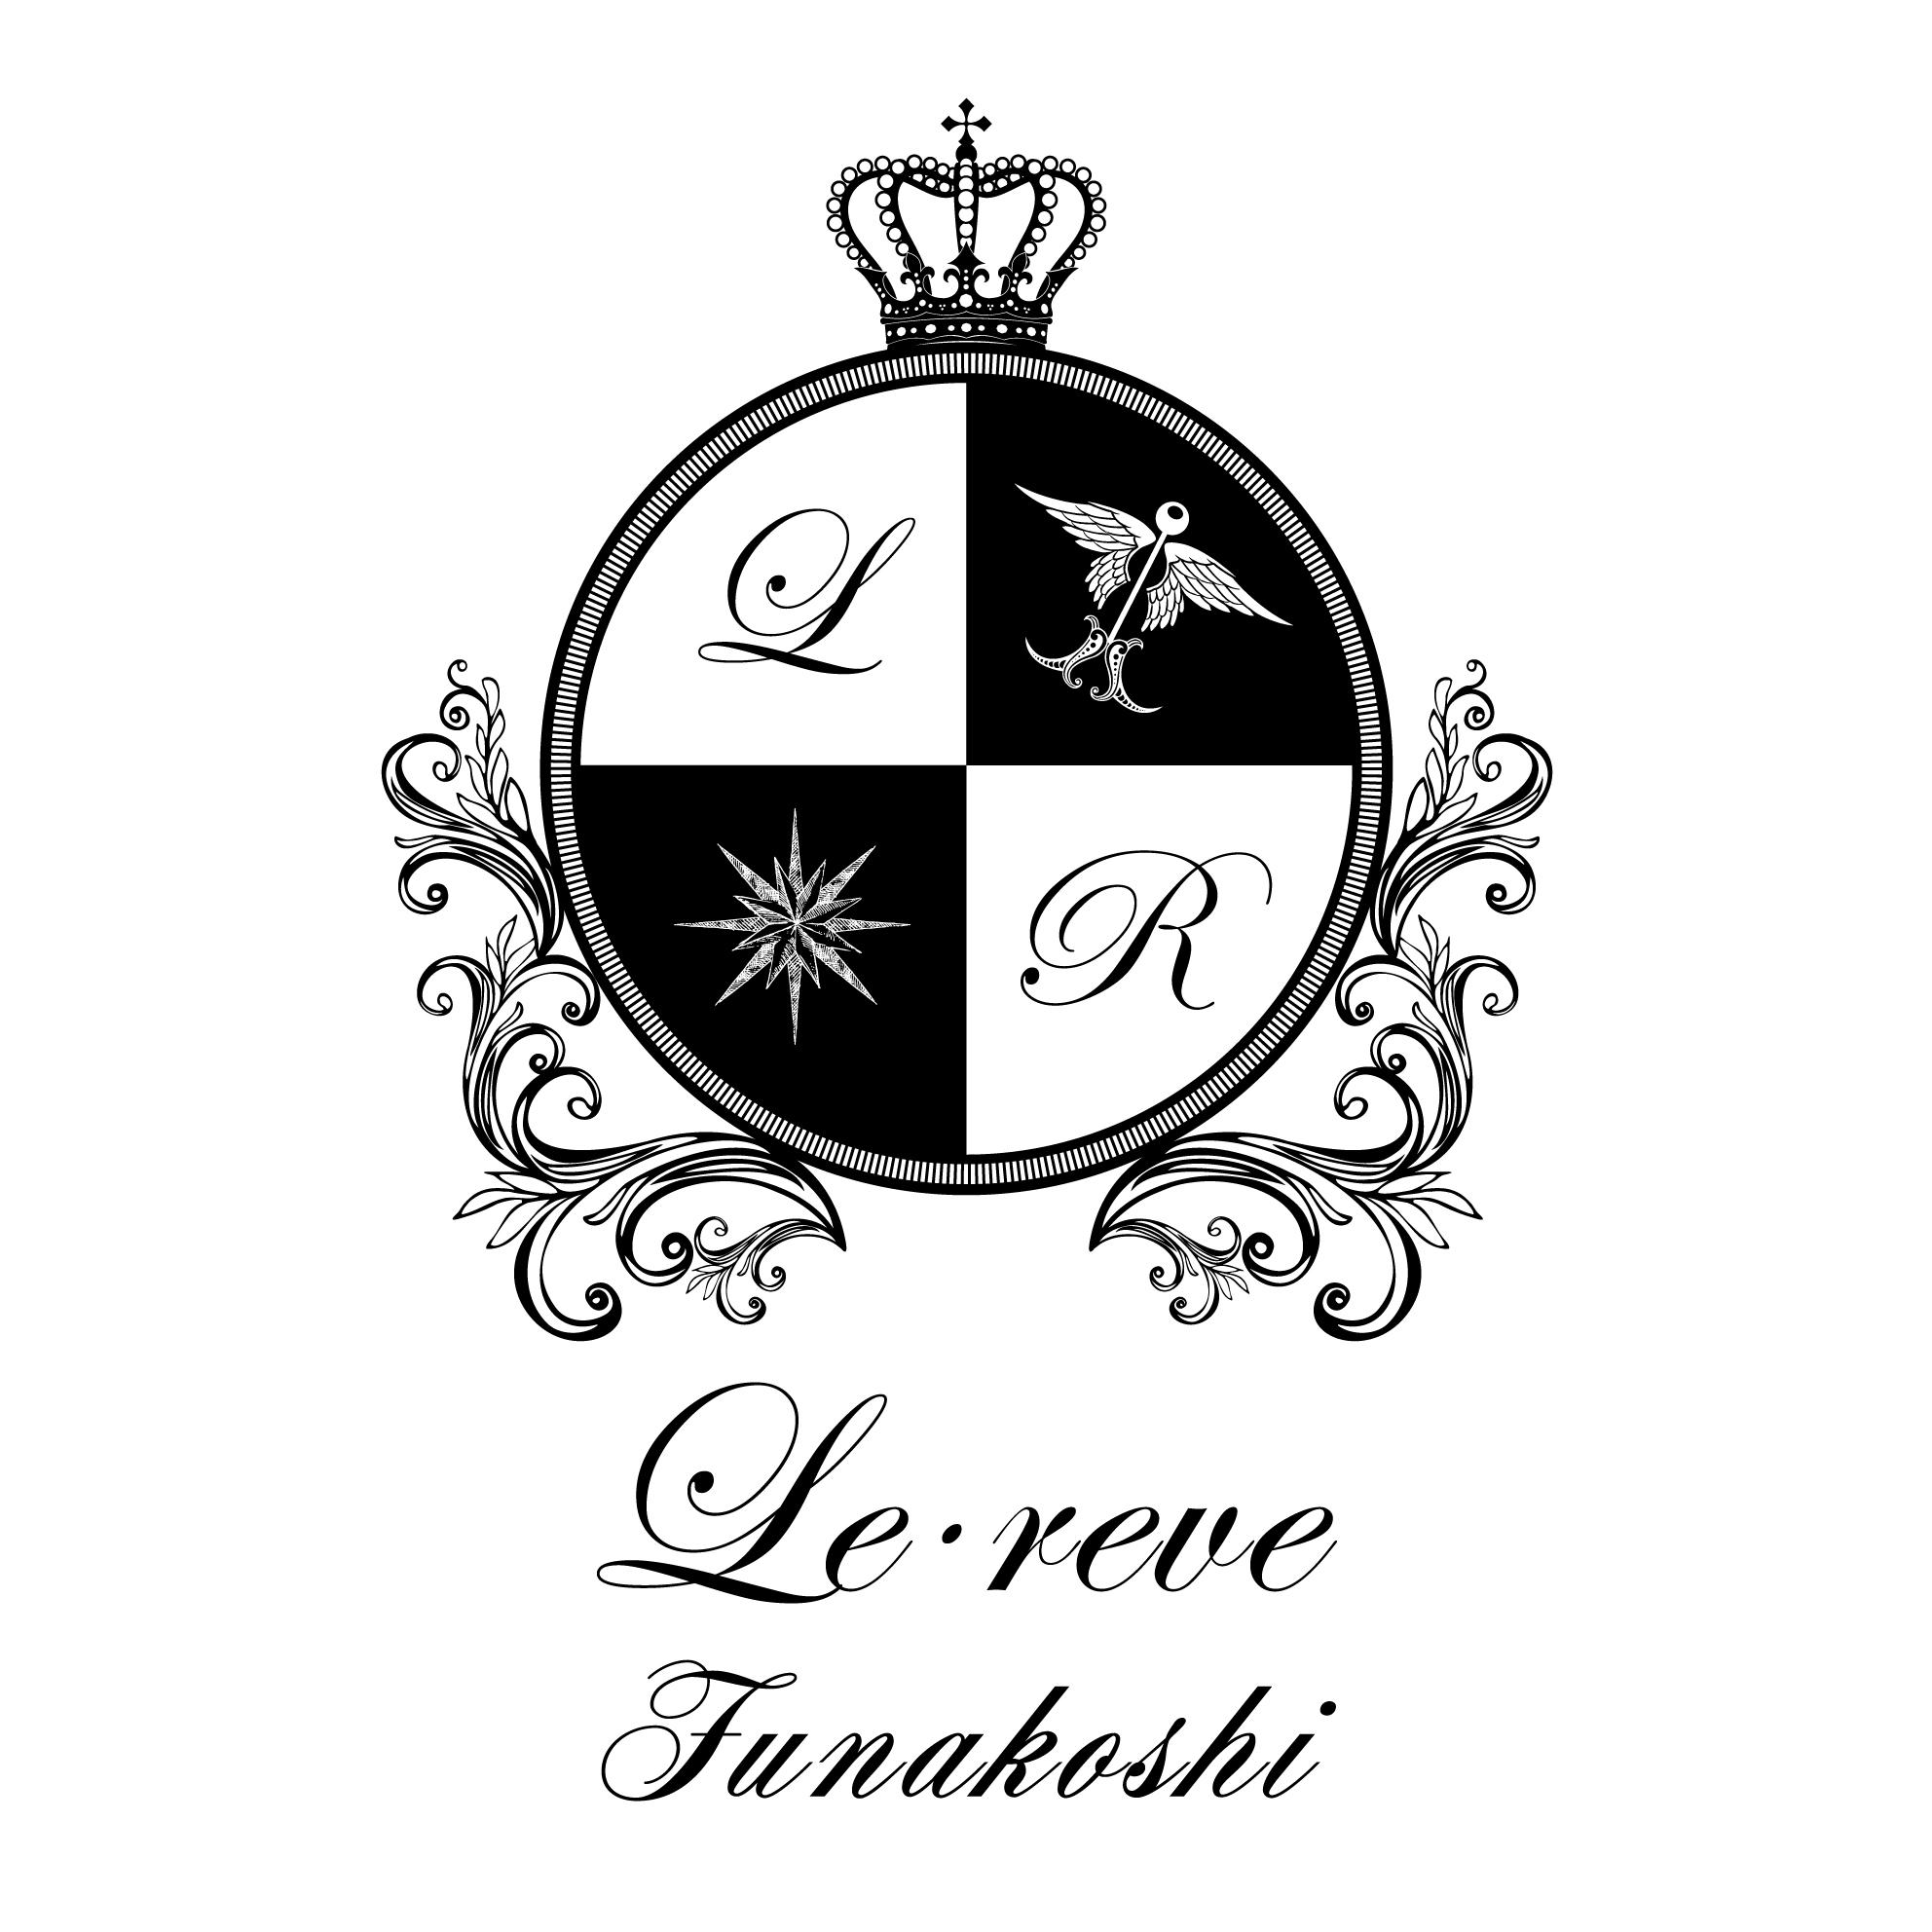 ル・レーヴ(Le・reve)船越店